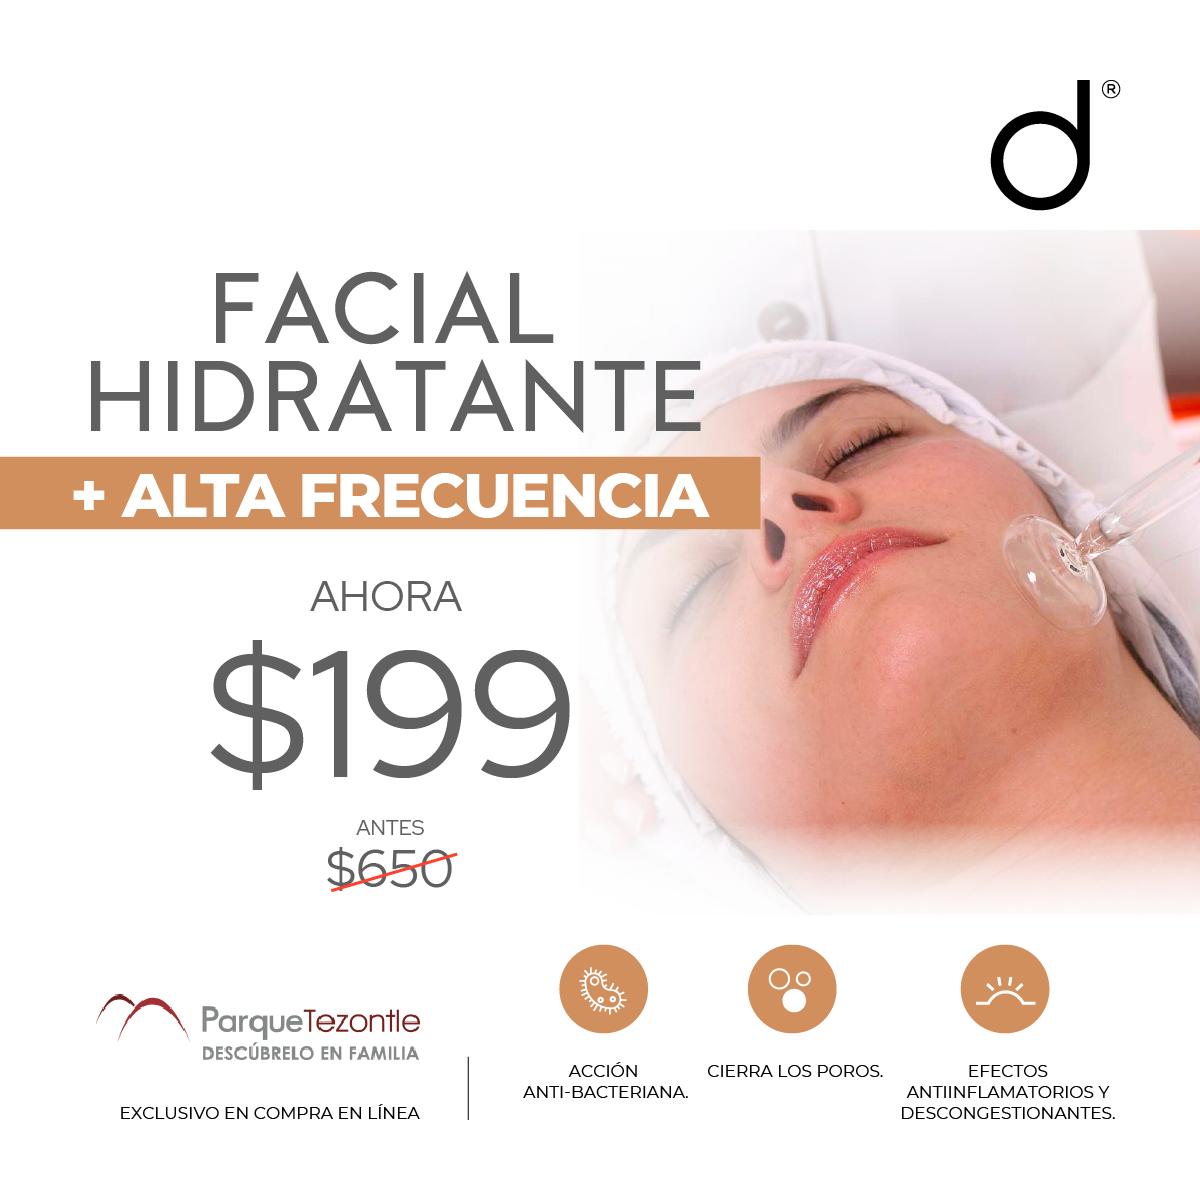 Facial Hidratante + Alta Frecuencia- SÓLO PARQUE TEZONTLE&w=900&h=900&fit=crop